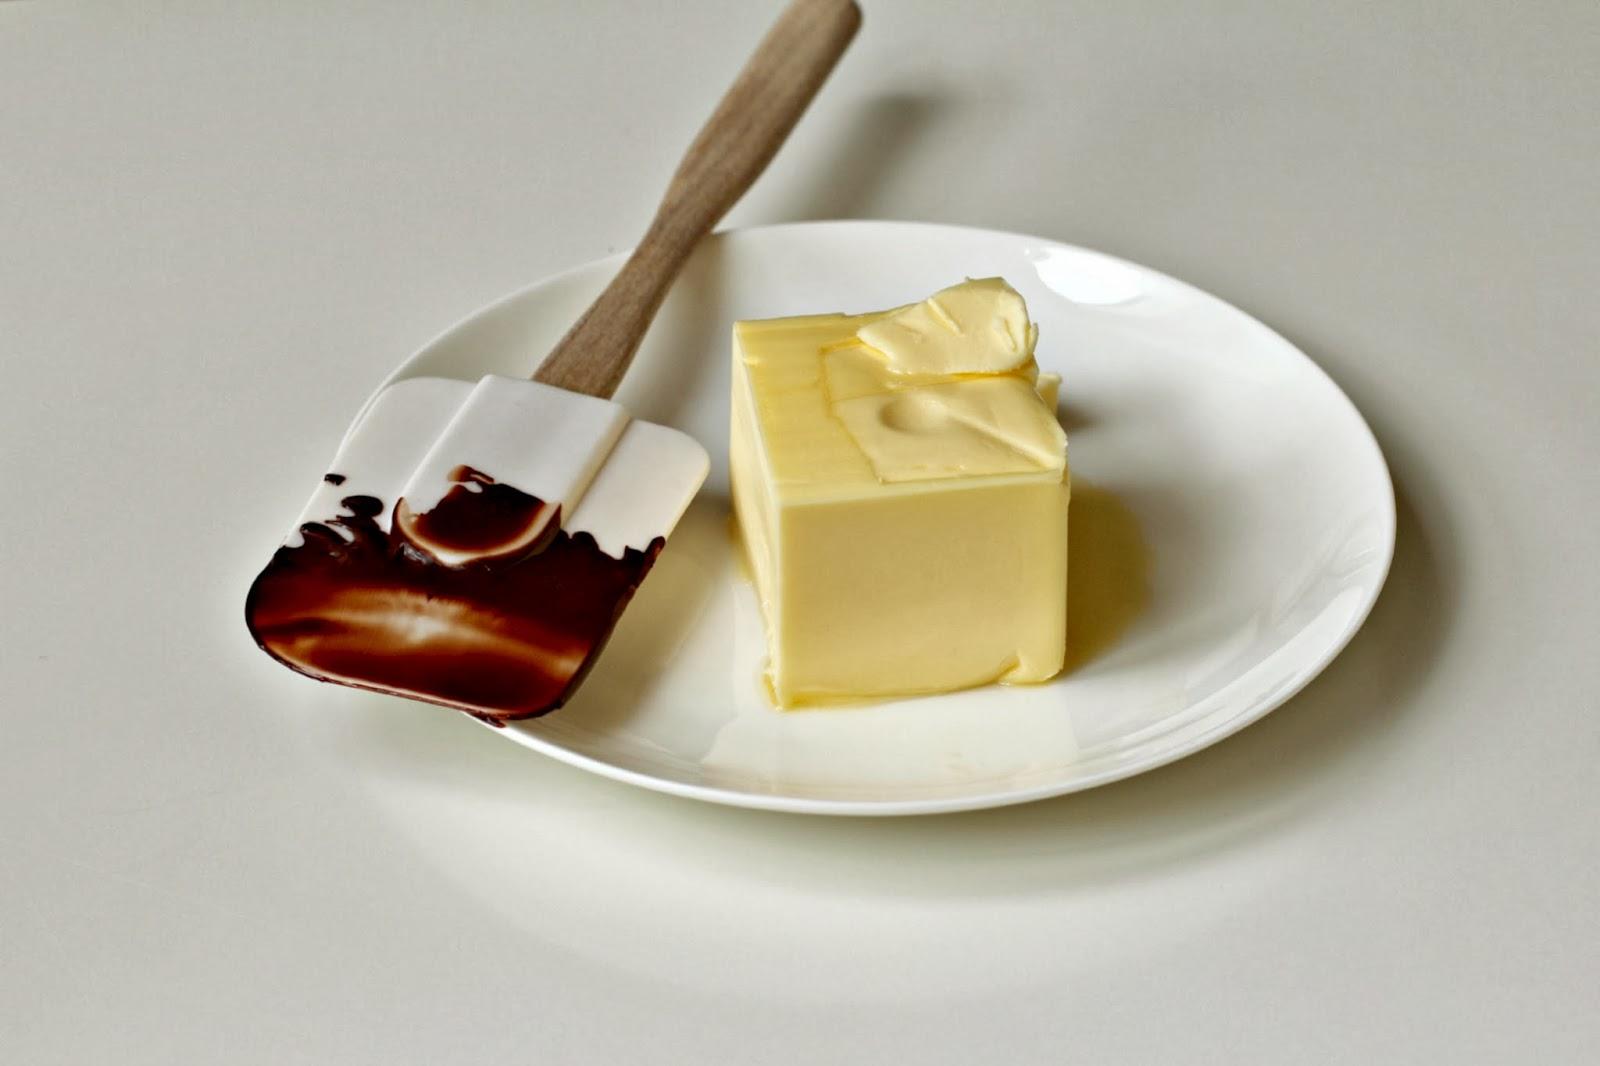 Chocolate Espresso Cake With Caffe Latte Cream